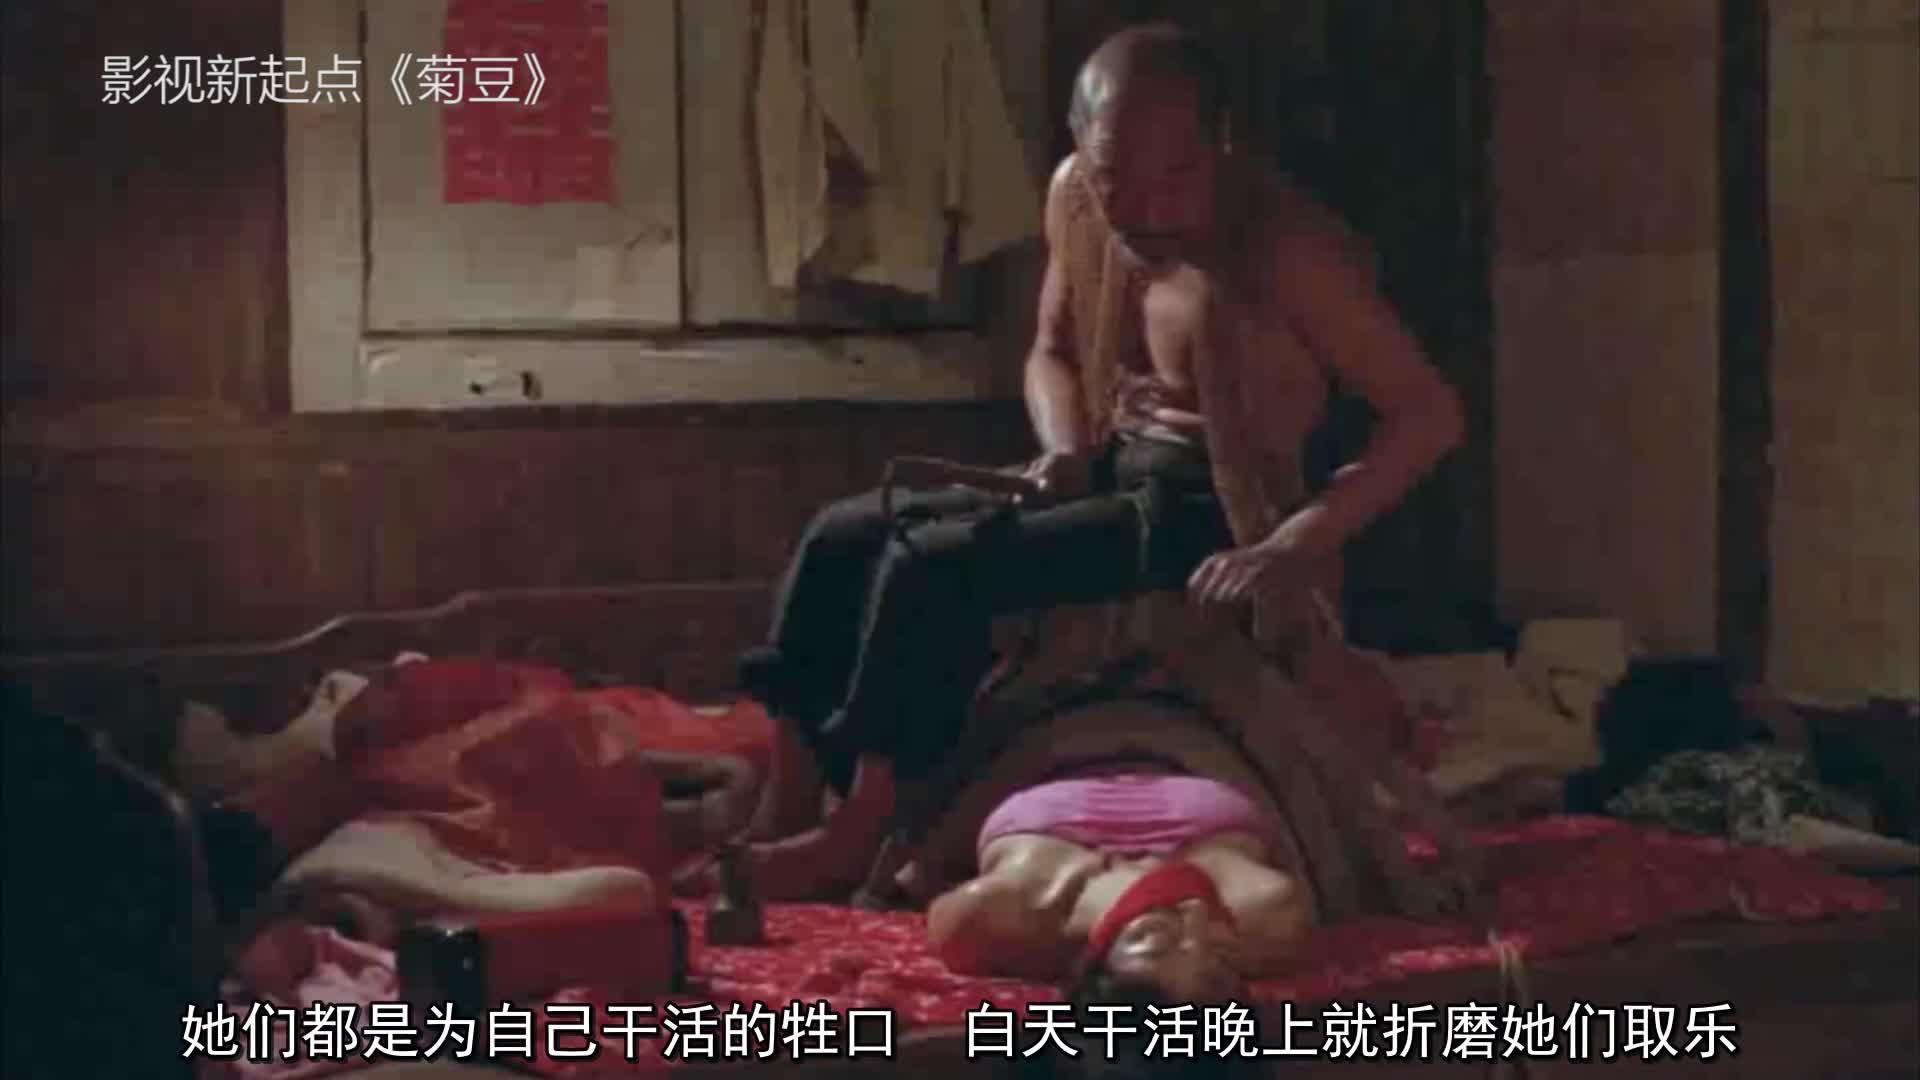 #经典看电影#一部压抑绝望的电影,农村女人的悲与伤,真实得让人难以置信!